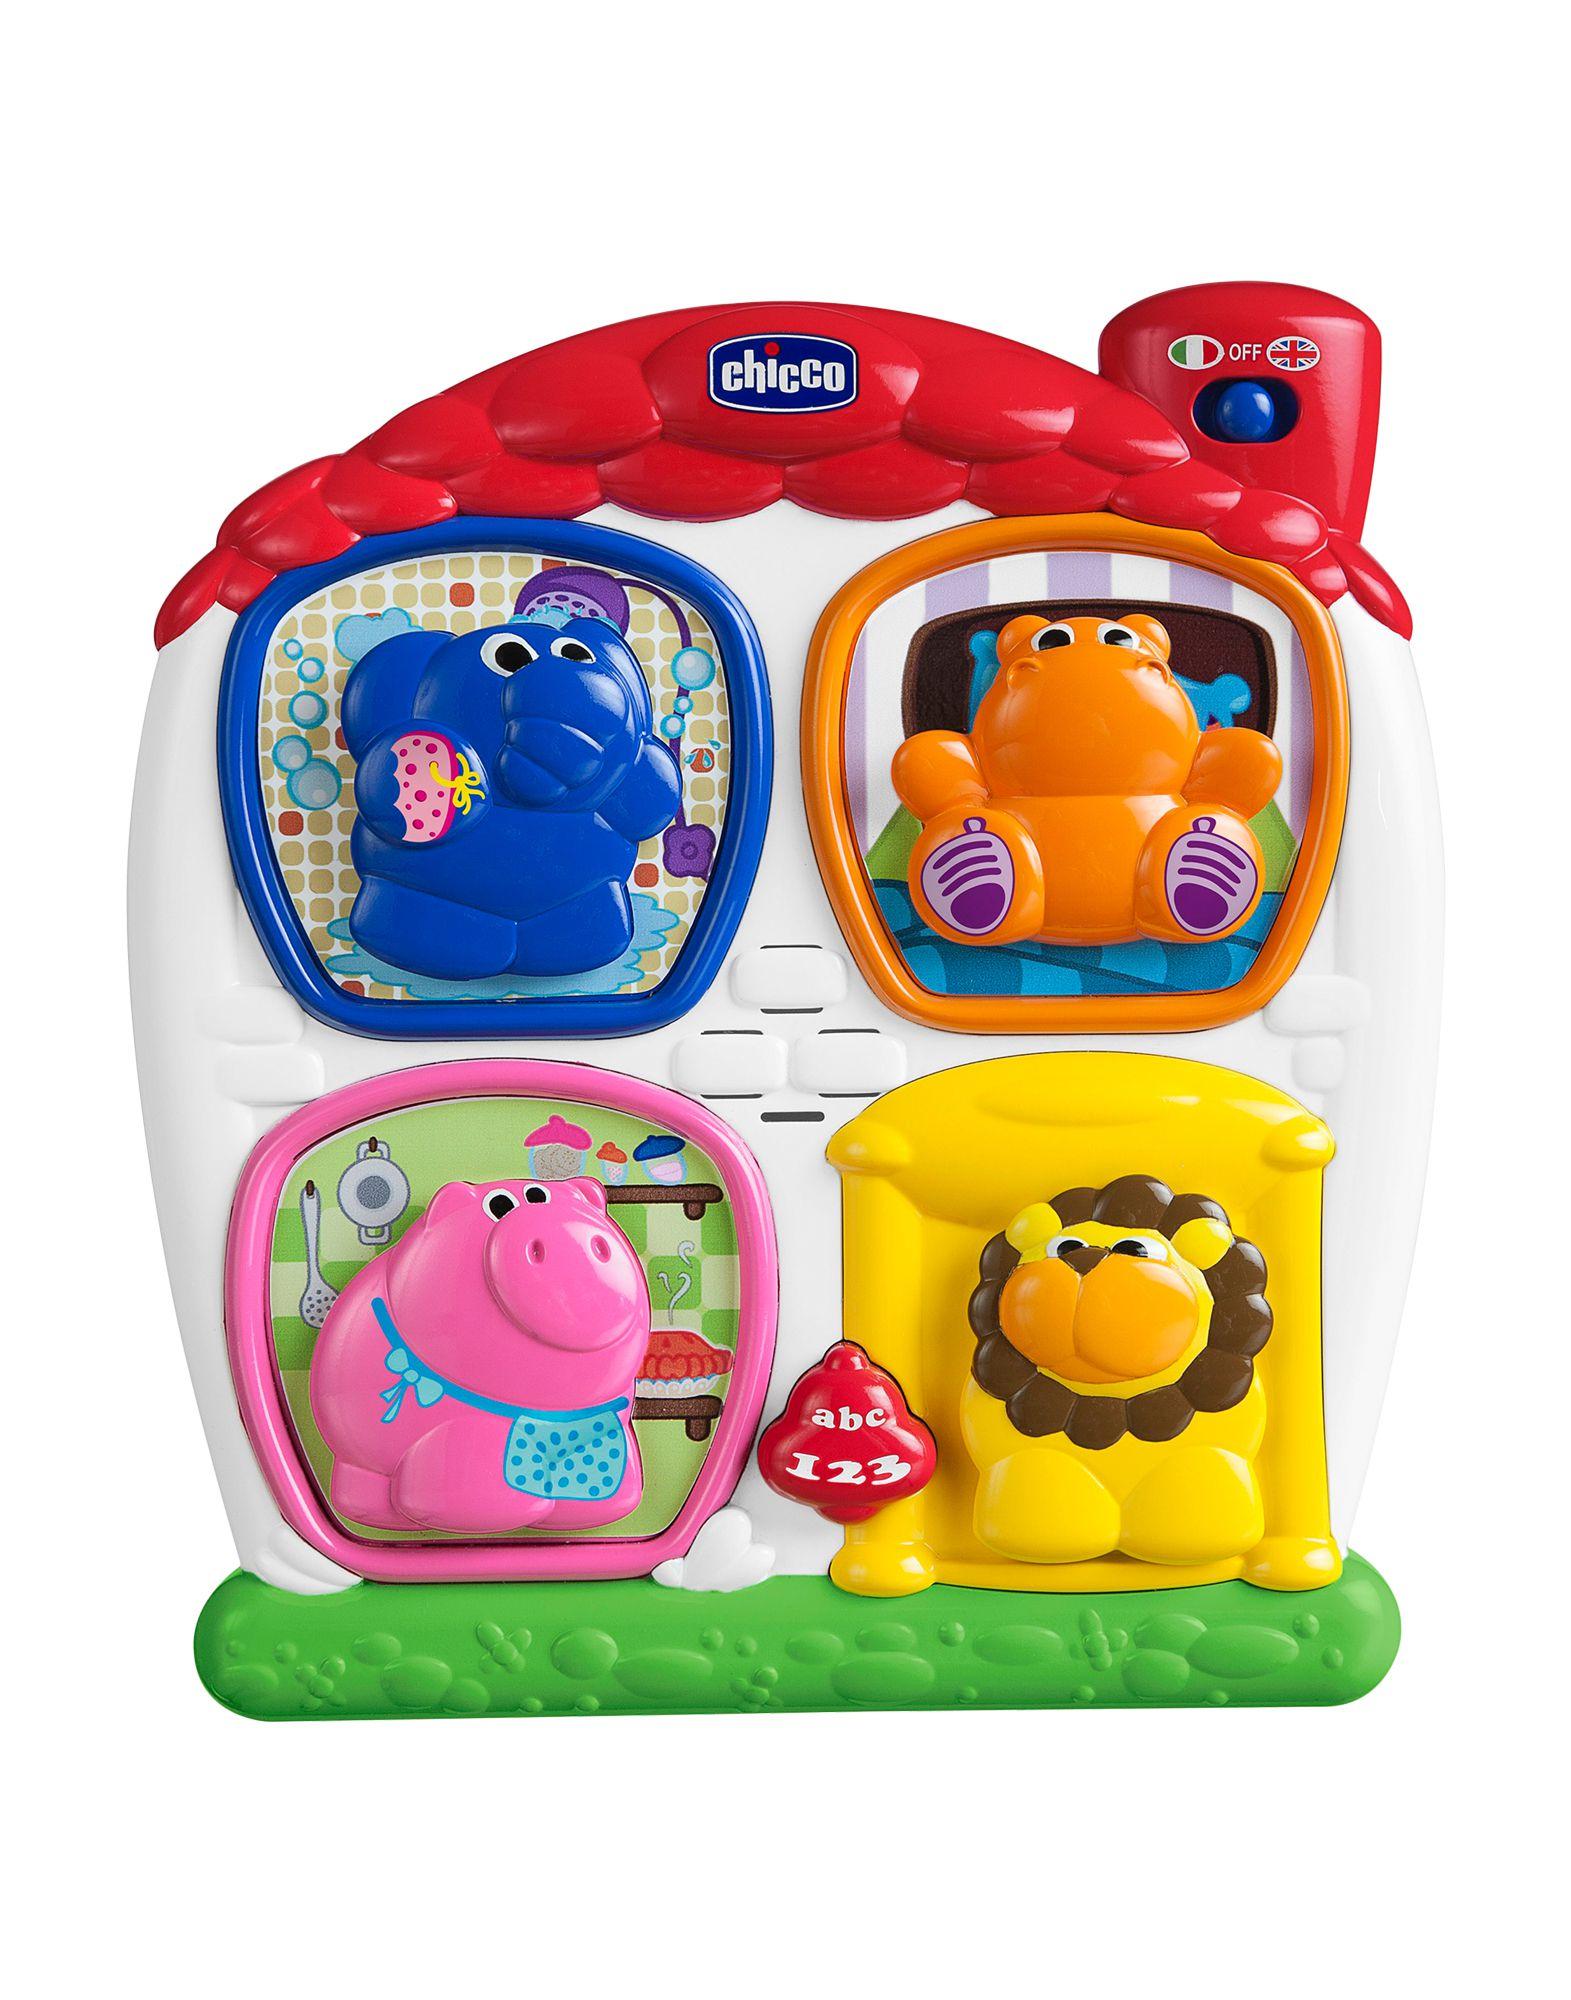 CHICCO Игрушки для малышей игрушки для грудничка 7 месяцев